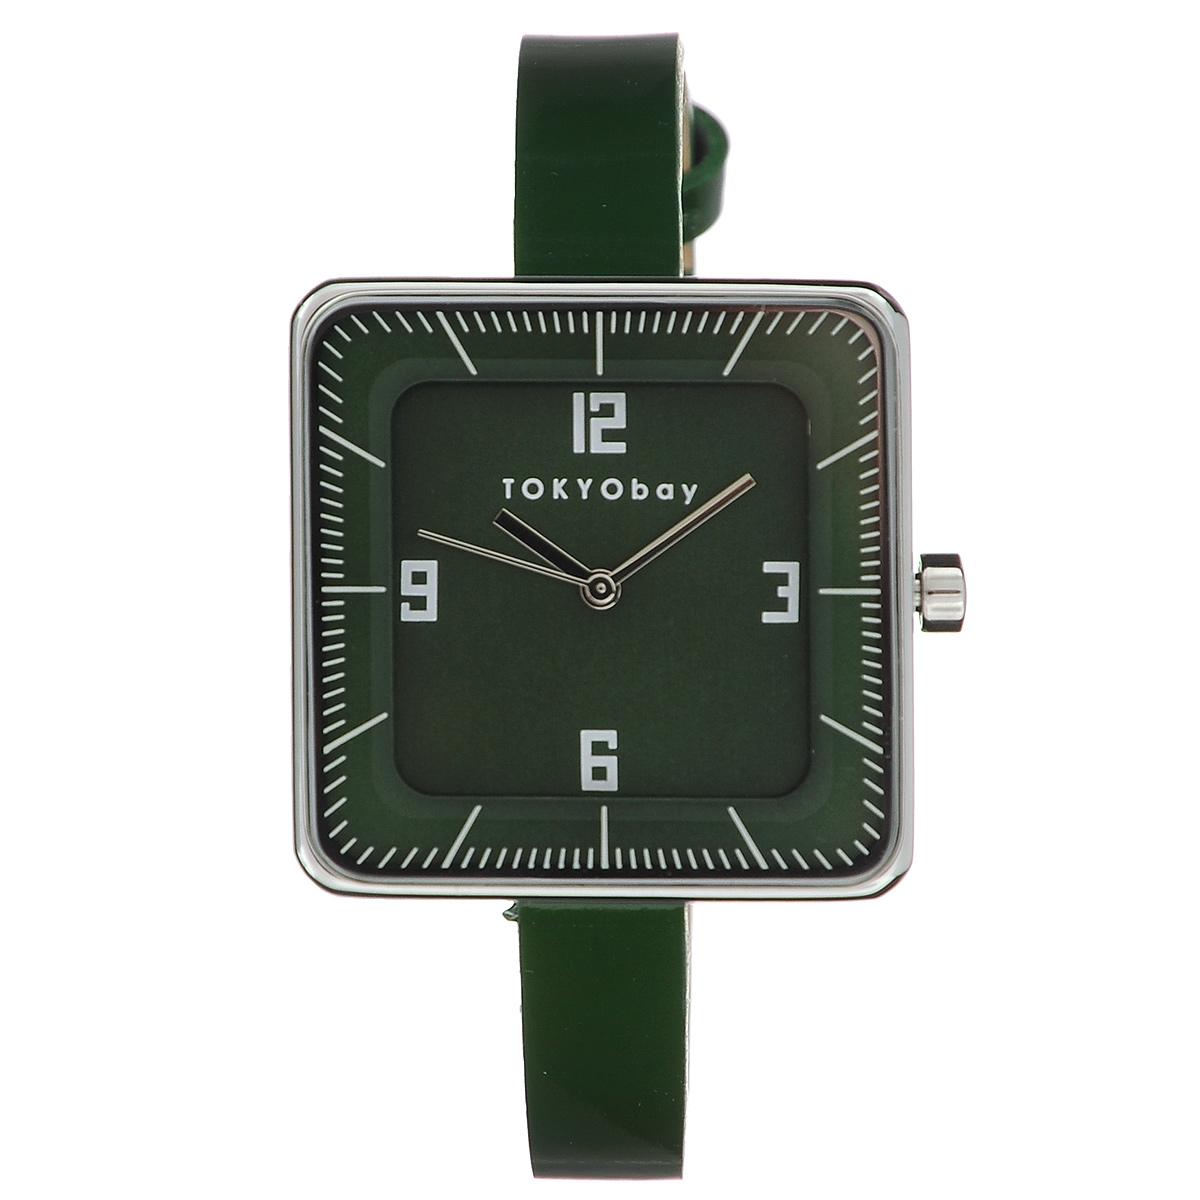 Часы женские наручные Tokyobay Gala, цвет: зеленый. T2019-GRL21-2011-SНаручные часы Tokyobay - это стильное дополнение к вашему неповторимому образу. Эти часы созданы для современных девушек, ценящих стиль, качество и практичность. Часы оснащены японским кварцевым механизмом Miyota. Корпус выполнен из металла, не содержащего никель. Задняя крышка изготовлена из нержавеющей стали. Циферблат имеет три стрелки - часовую, минутную и секундную. Циферблат защищен ударопрочным оптическим пластиком. Тонкий ремешок выполнен из натуральной кожи и застегивается на классическую застежку.Часы Tokyobay - это практичный и модный аксессуар, который подчеркнет ваш безупречный вкус.Характеристики: Корпус: 29 х 29 х 10 мм. Размер ремешка: 19 х 0,8 см.Не водостойкие.